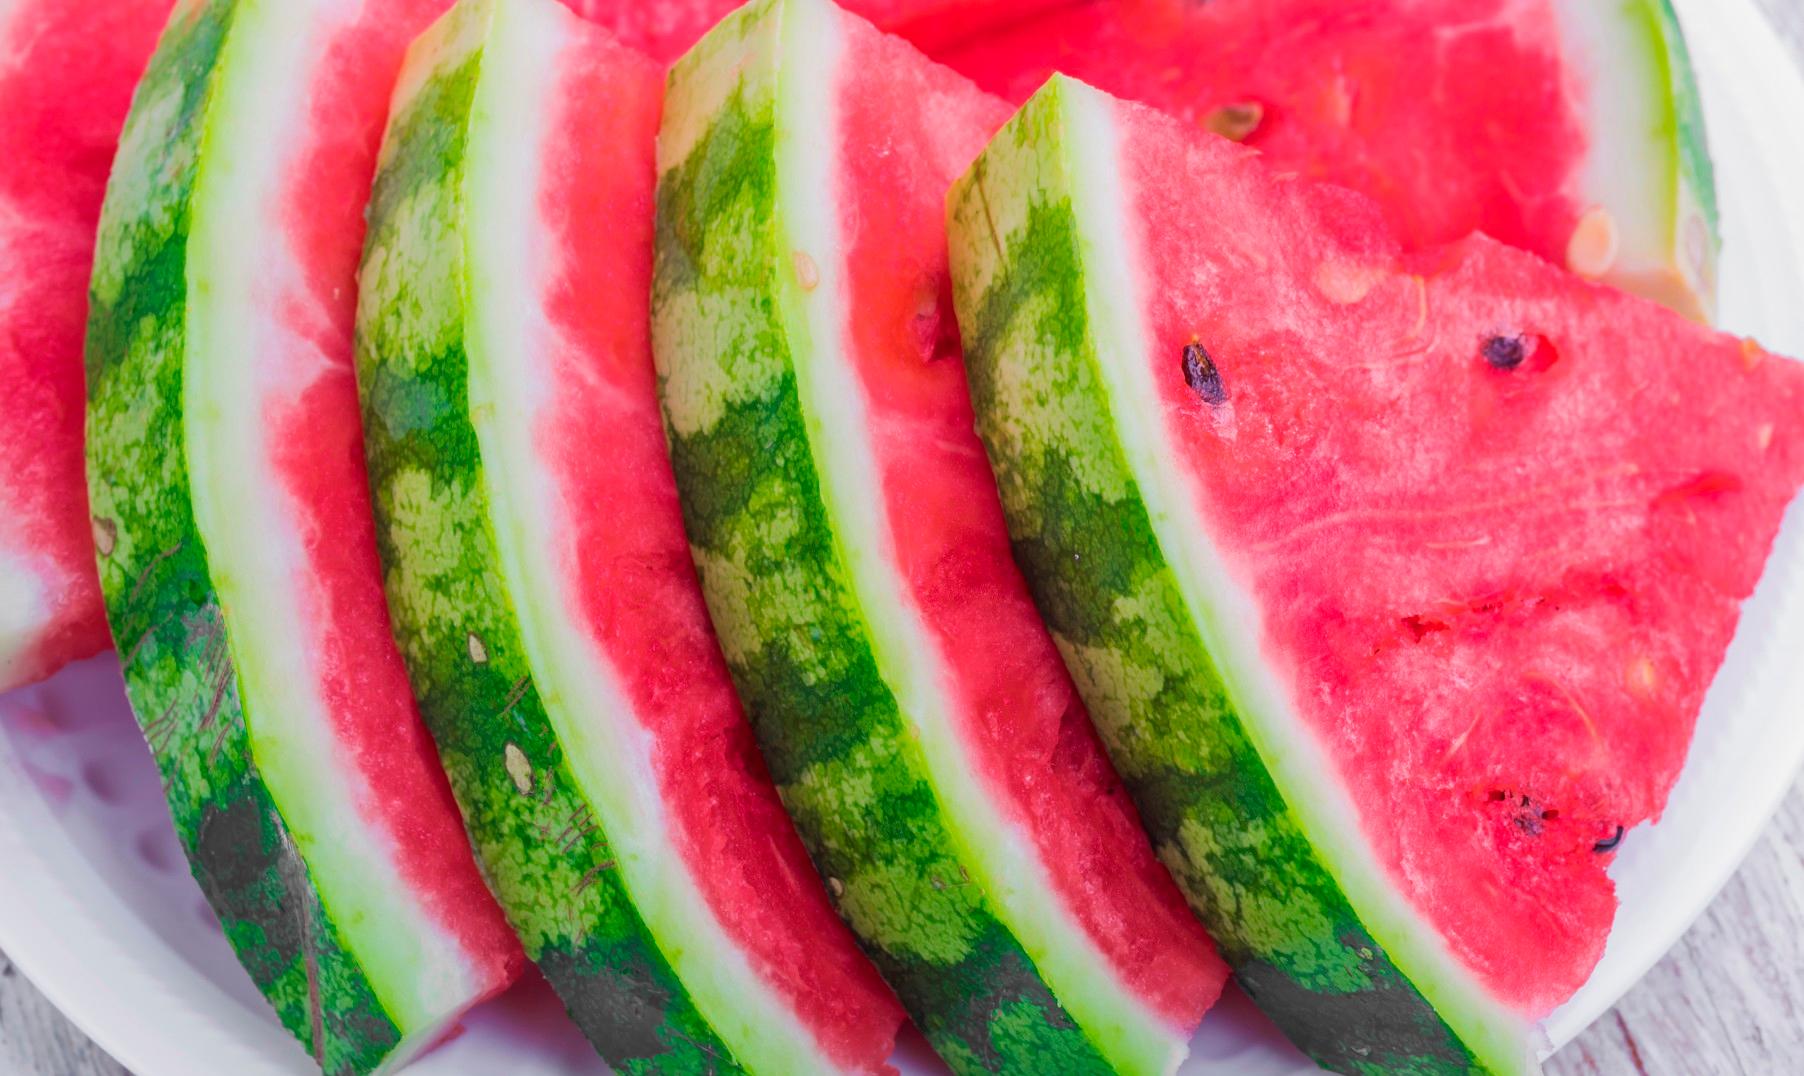 Mangia e bevi pi bella con la frutta di stagione for Frutta con la o iniziale